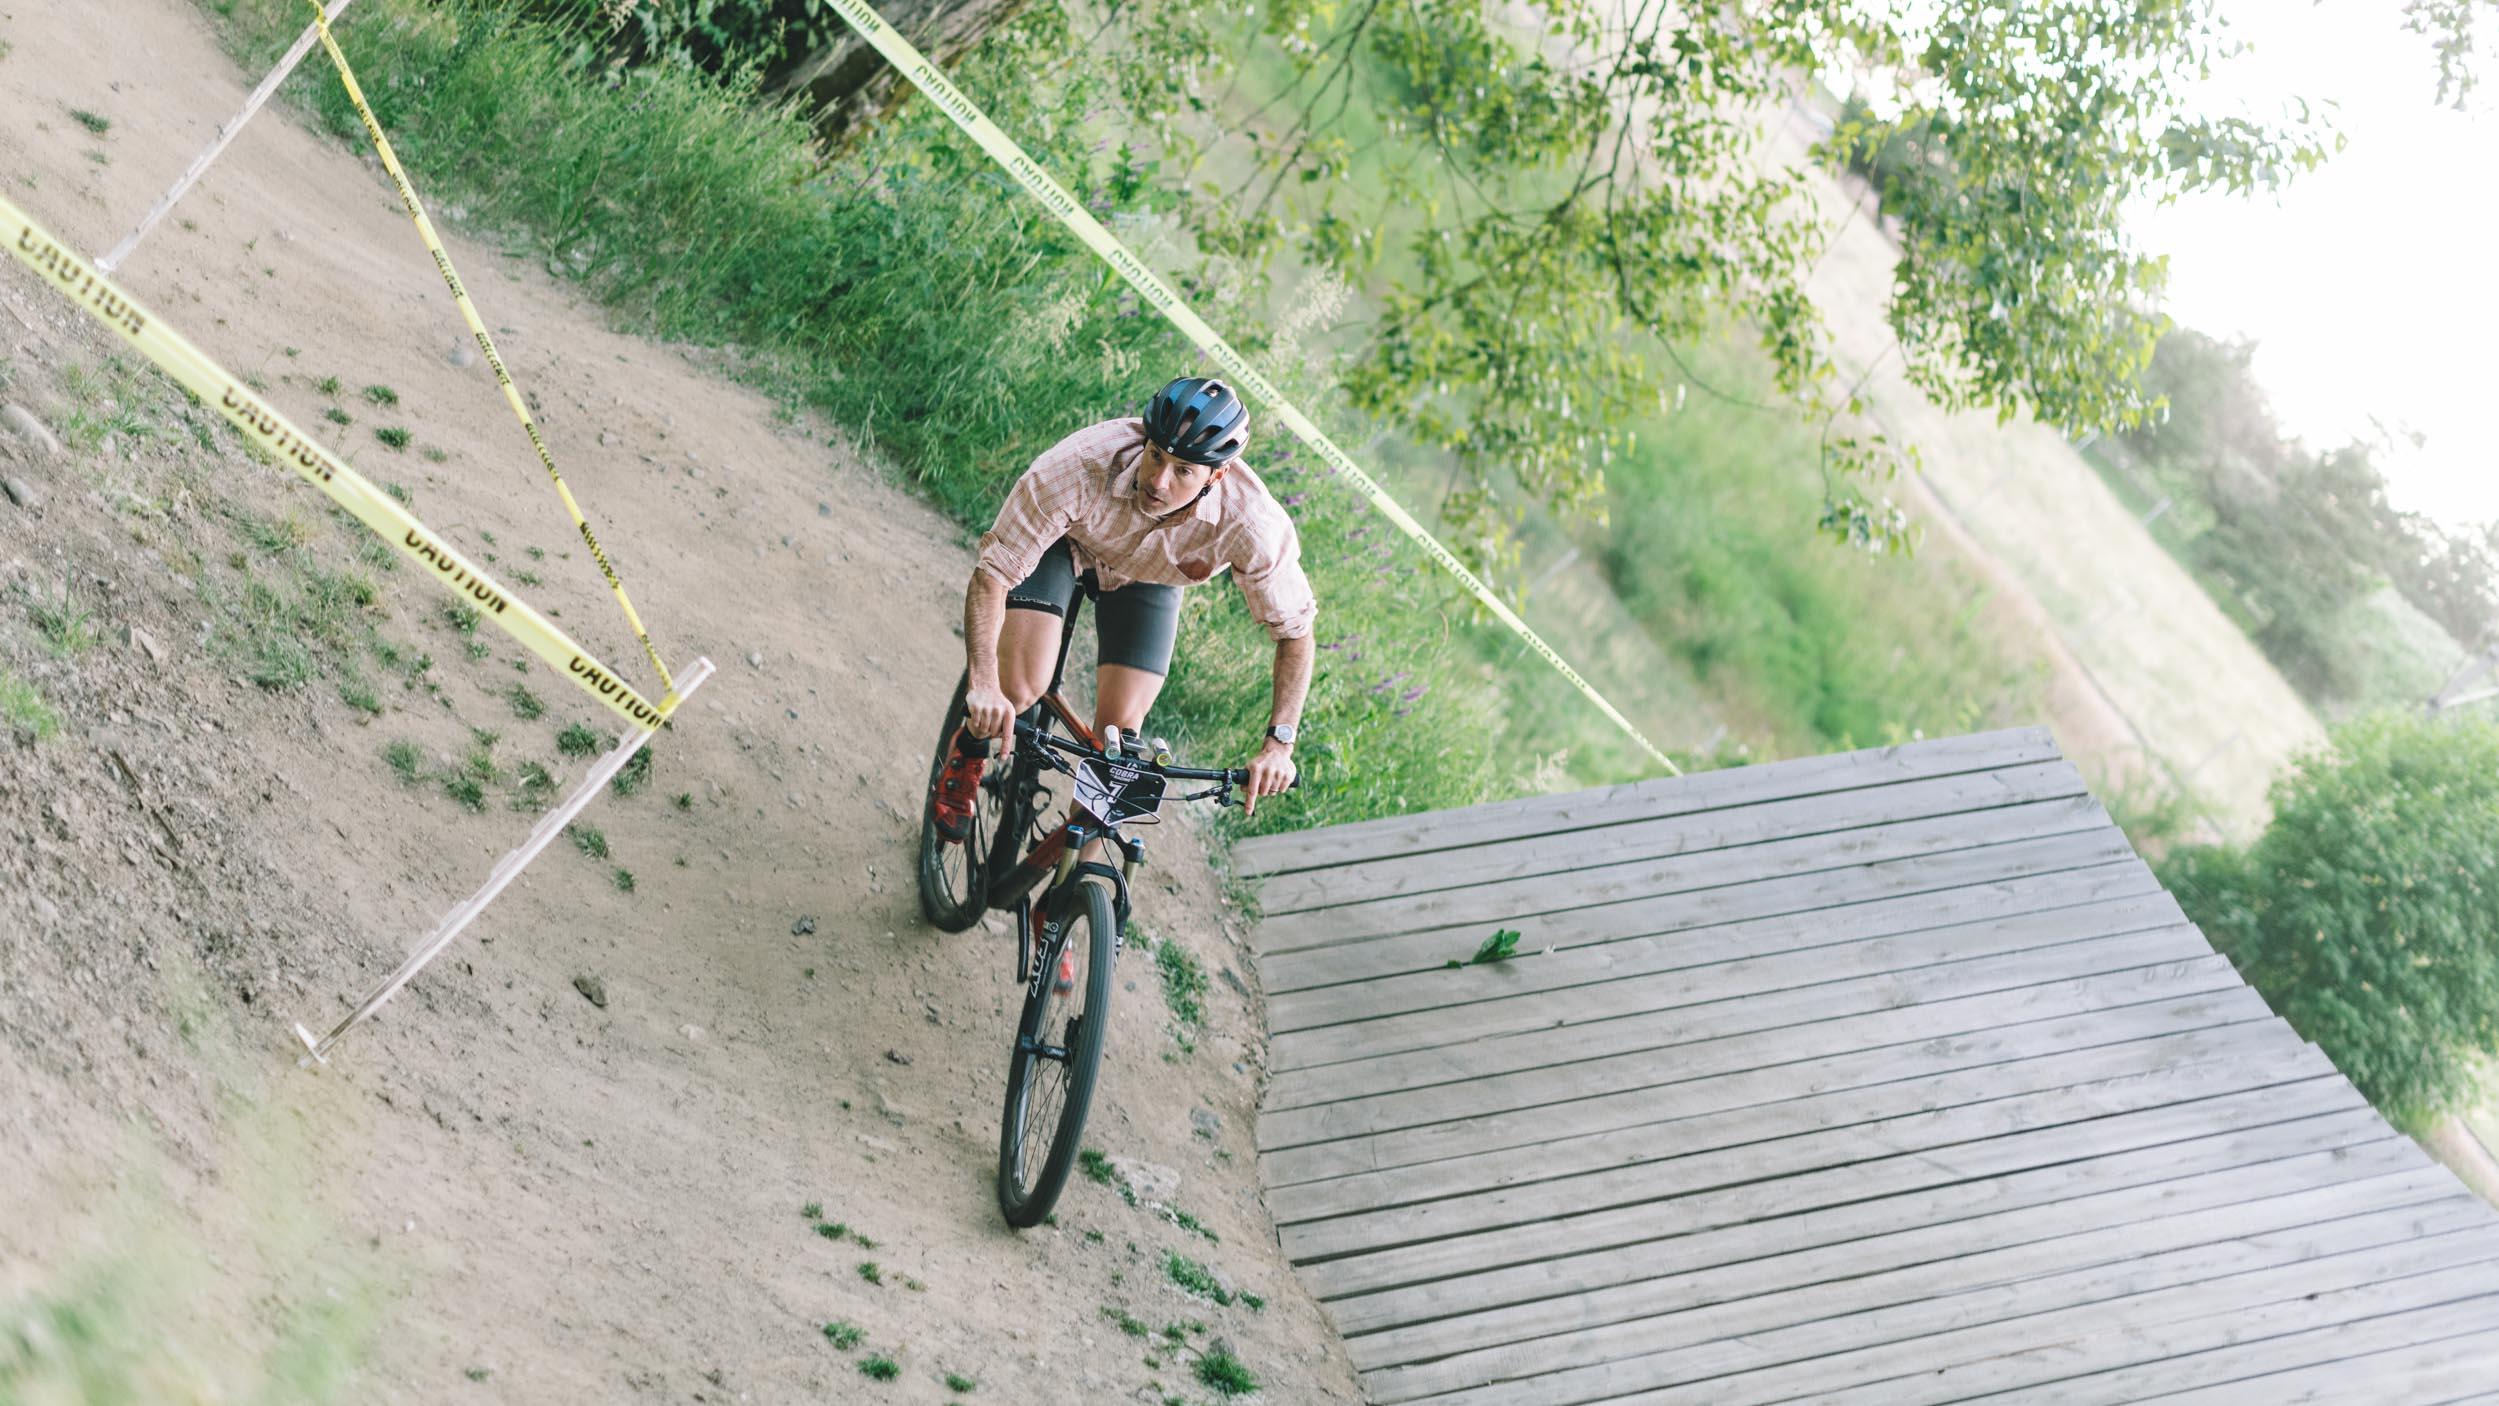 COBRA_Racing_Gateway_Miguel_Race_18.jpg